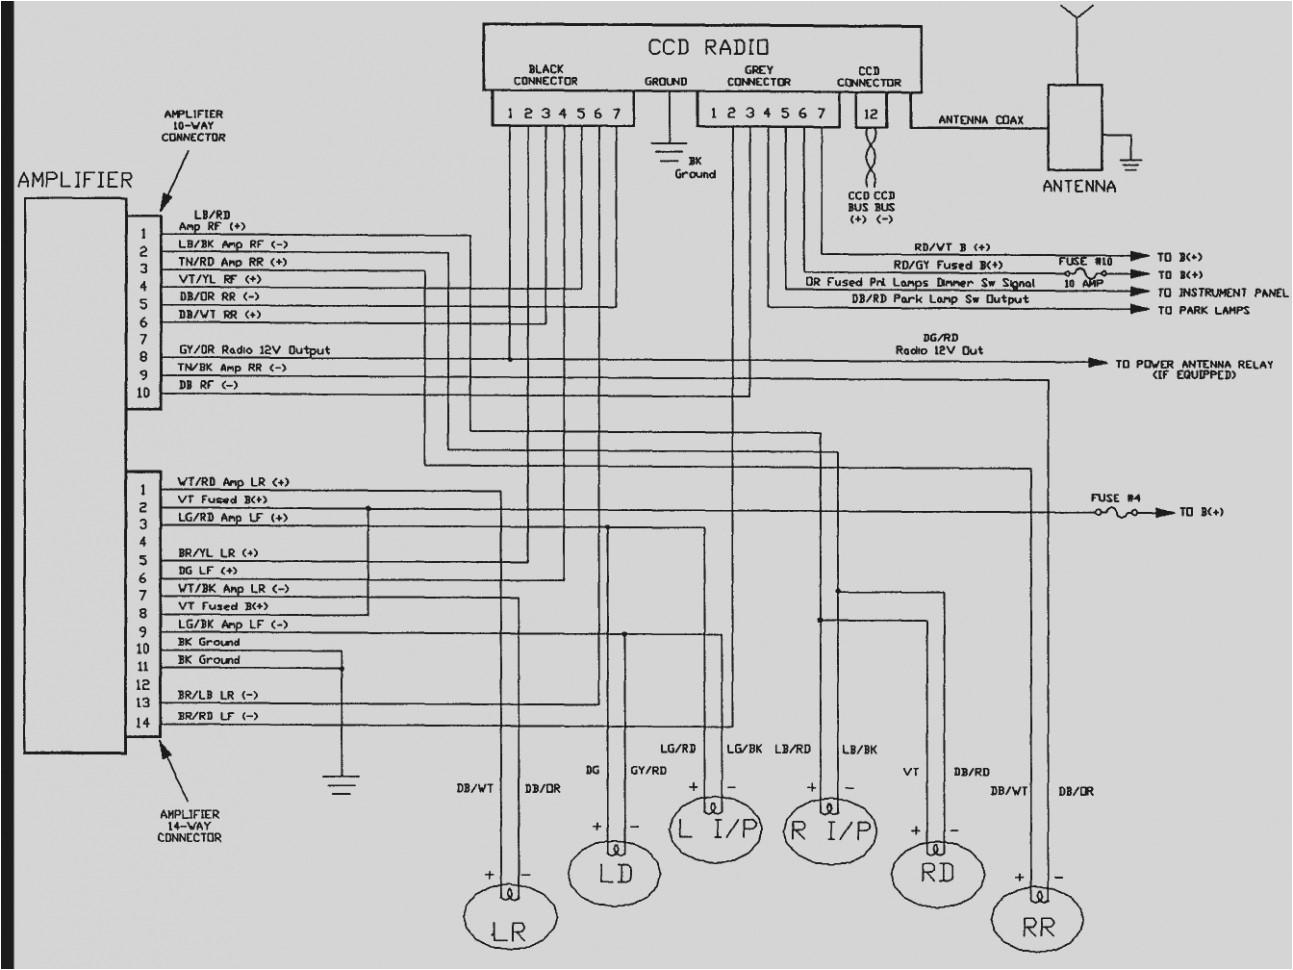 2014 jeep cherokee wiring diagram wiring diagram for you jeep grand cherokee zj wiring diagram 2014